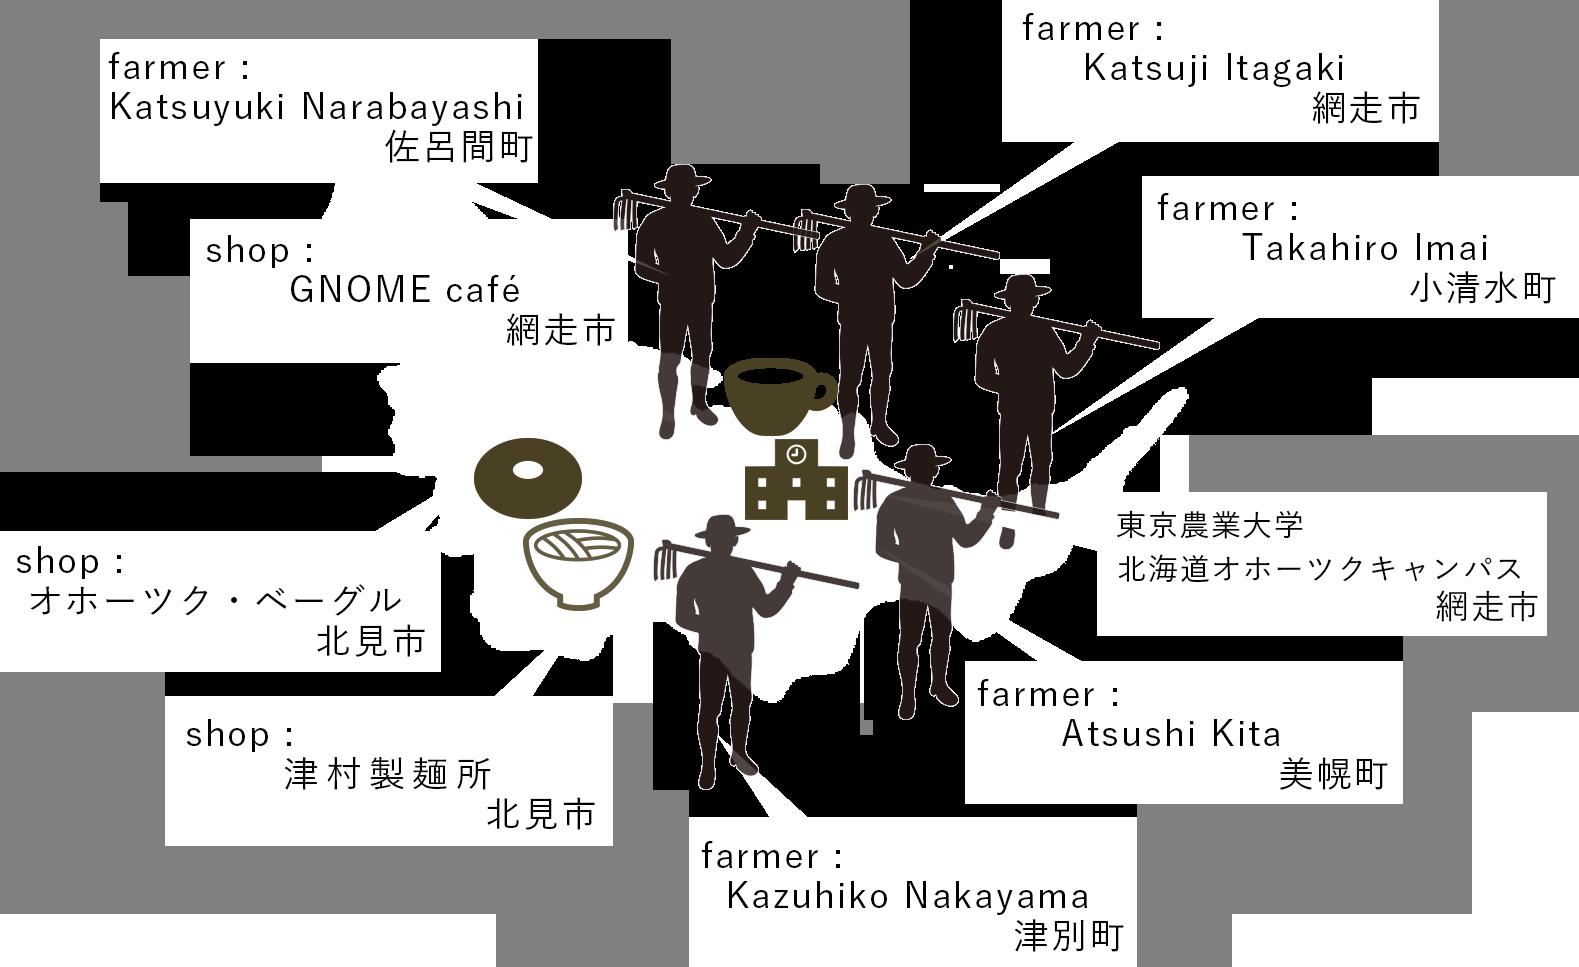 オホーツク大麦マップ